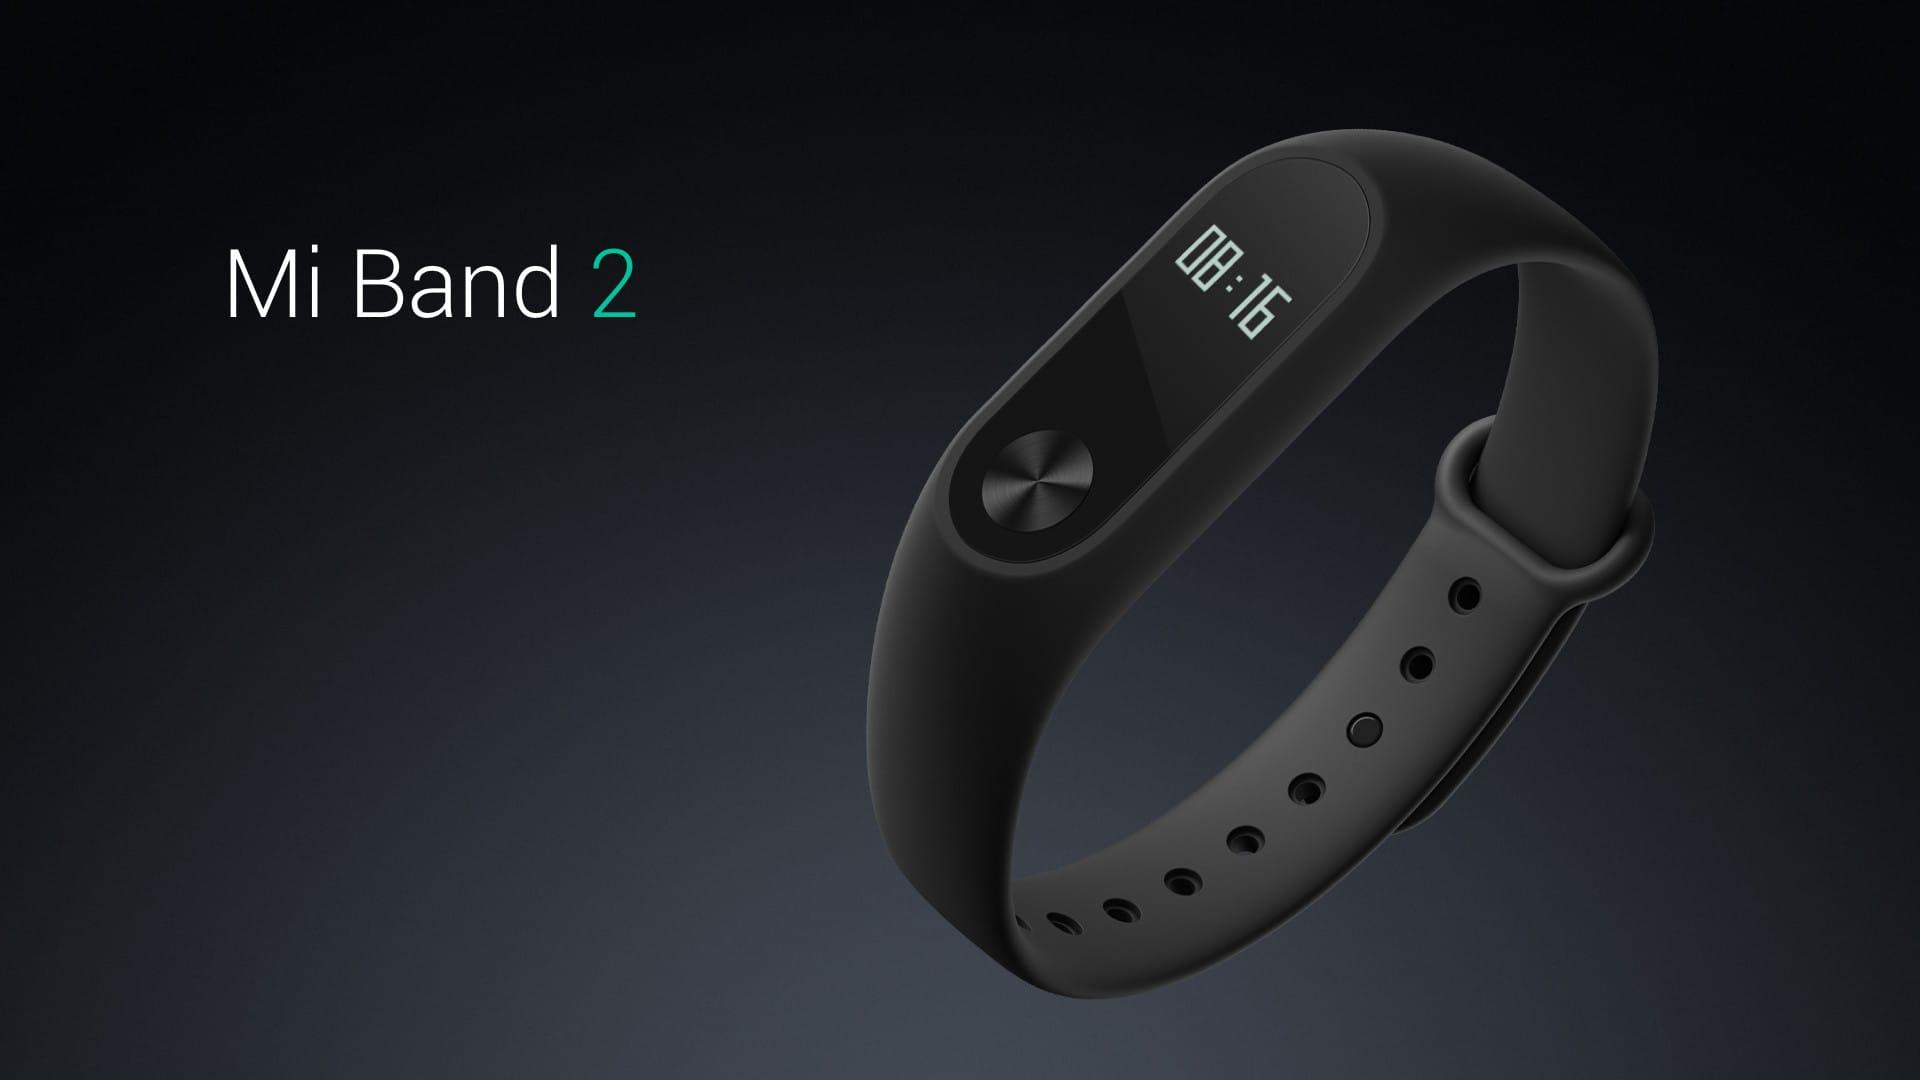 Компания Xiaomi представила смарт-браслет MiBand